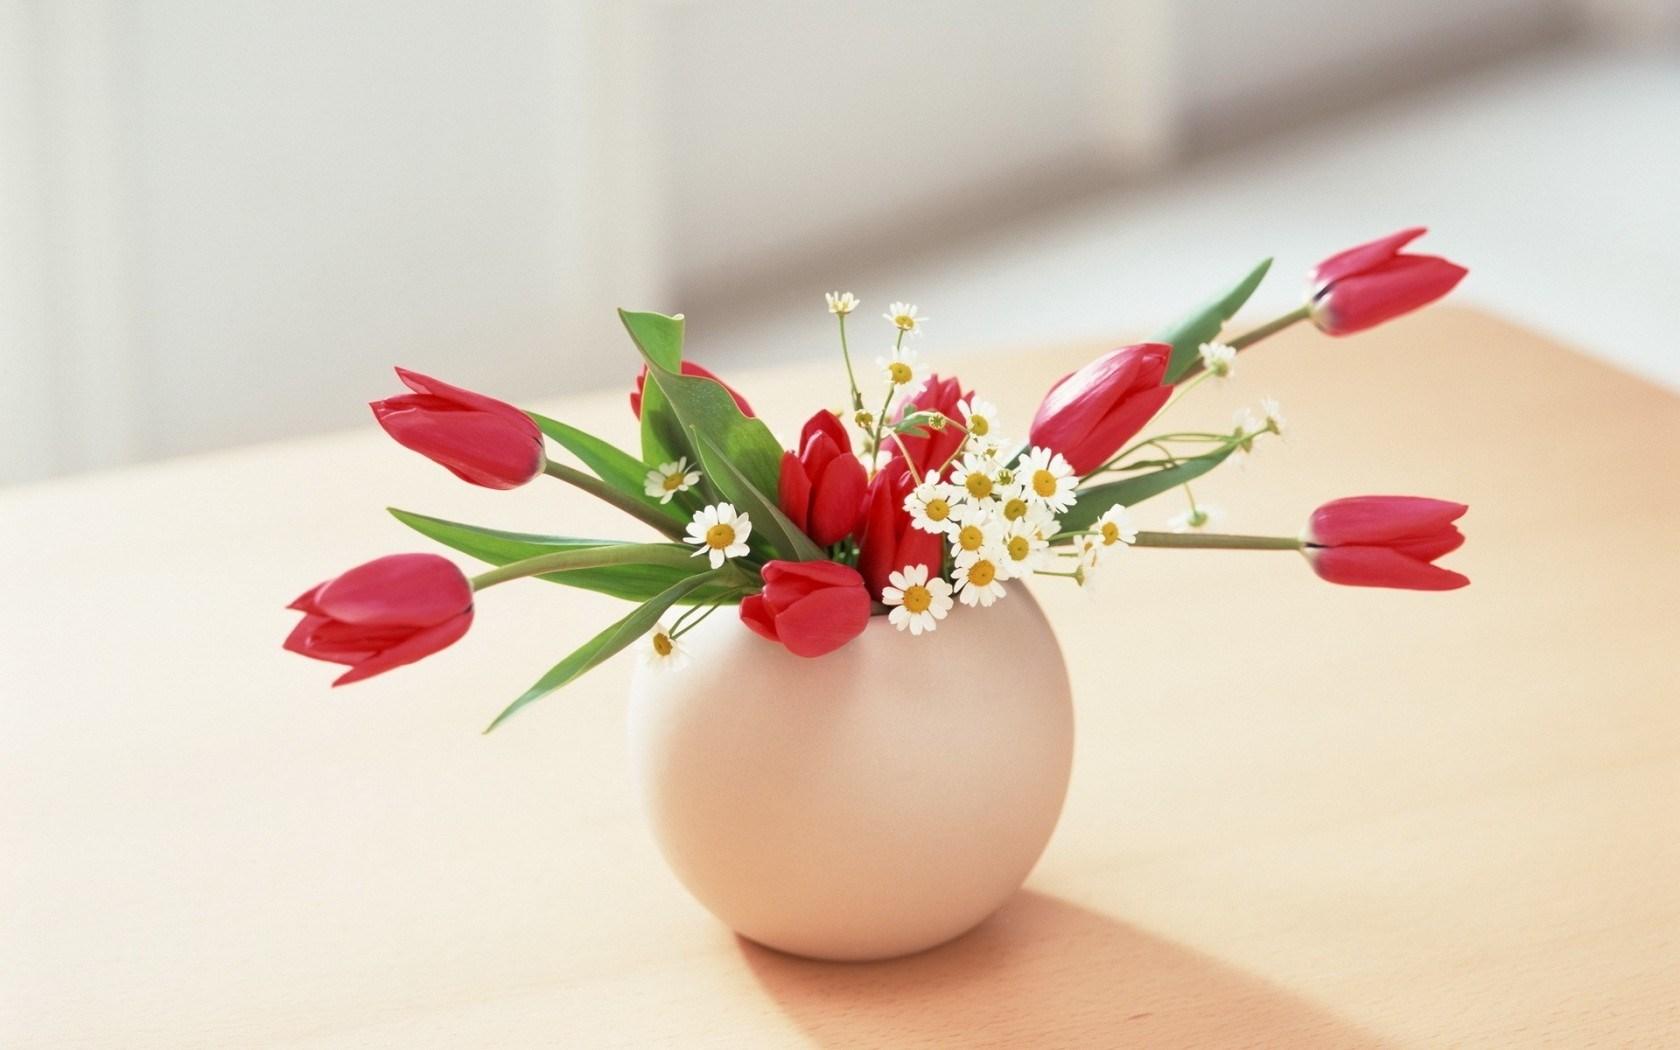 Flowers Roses Daisies Vase